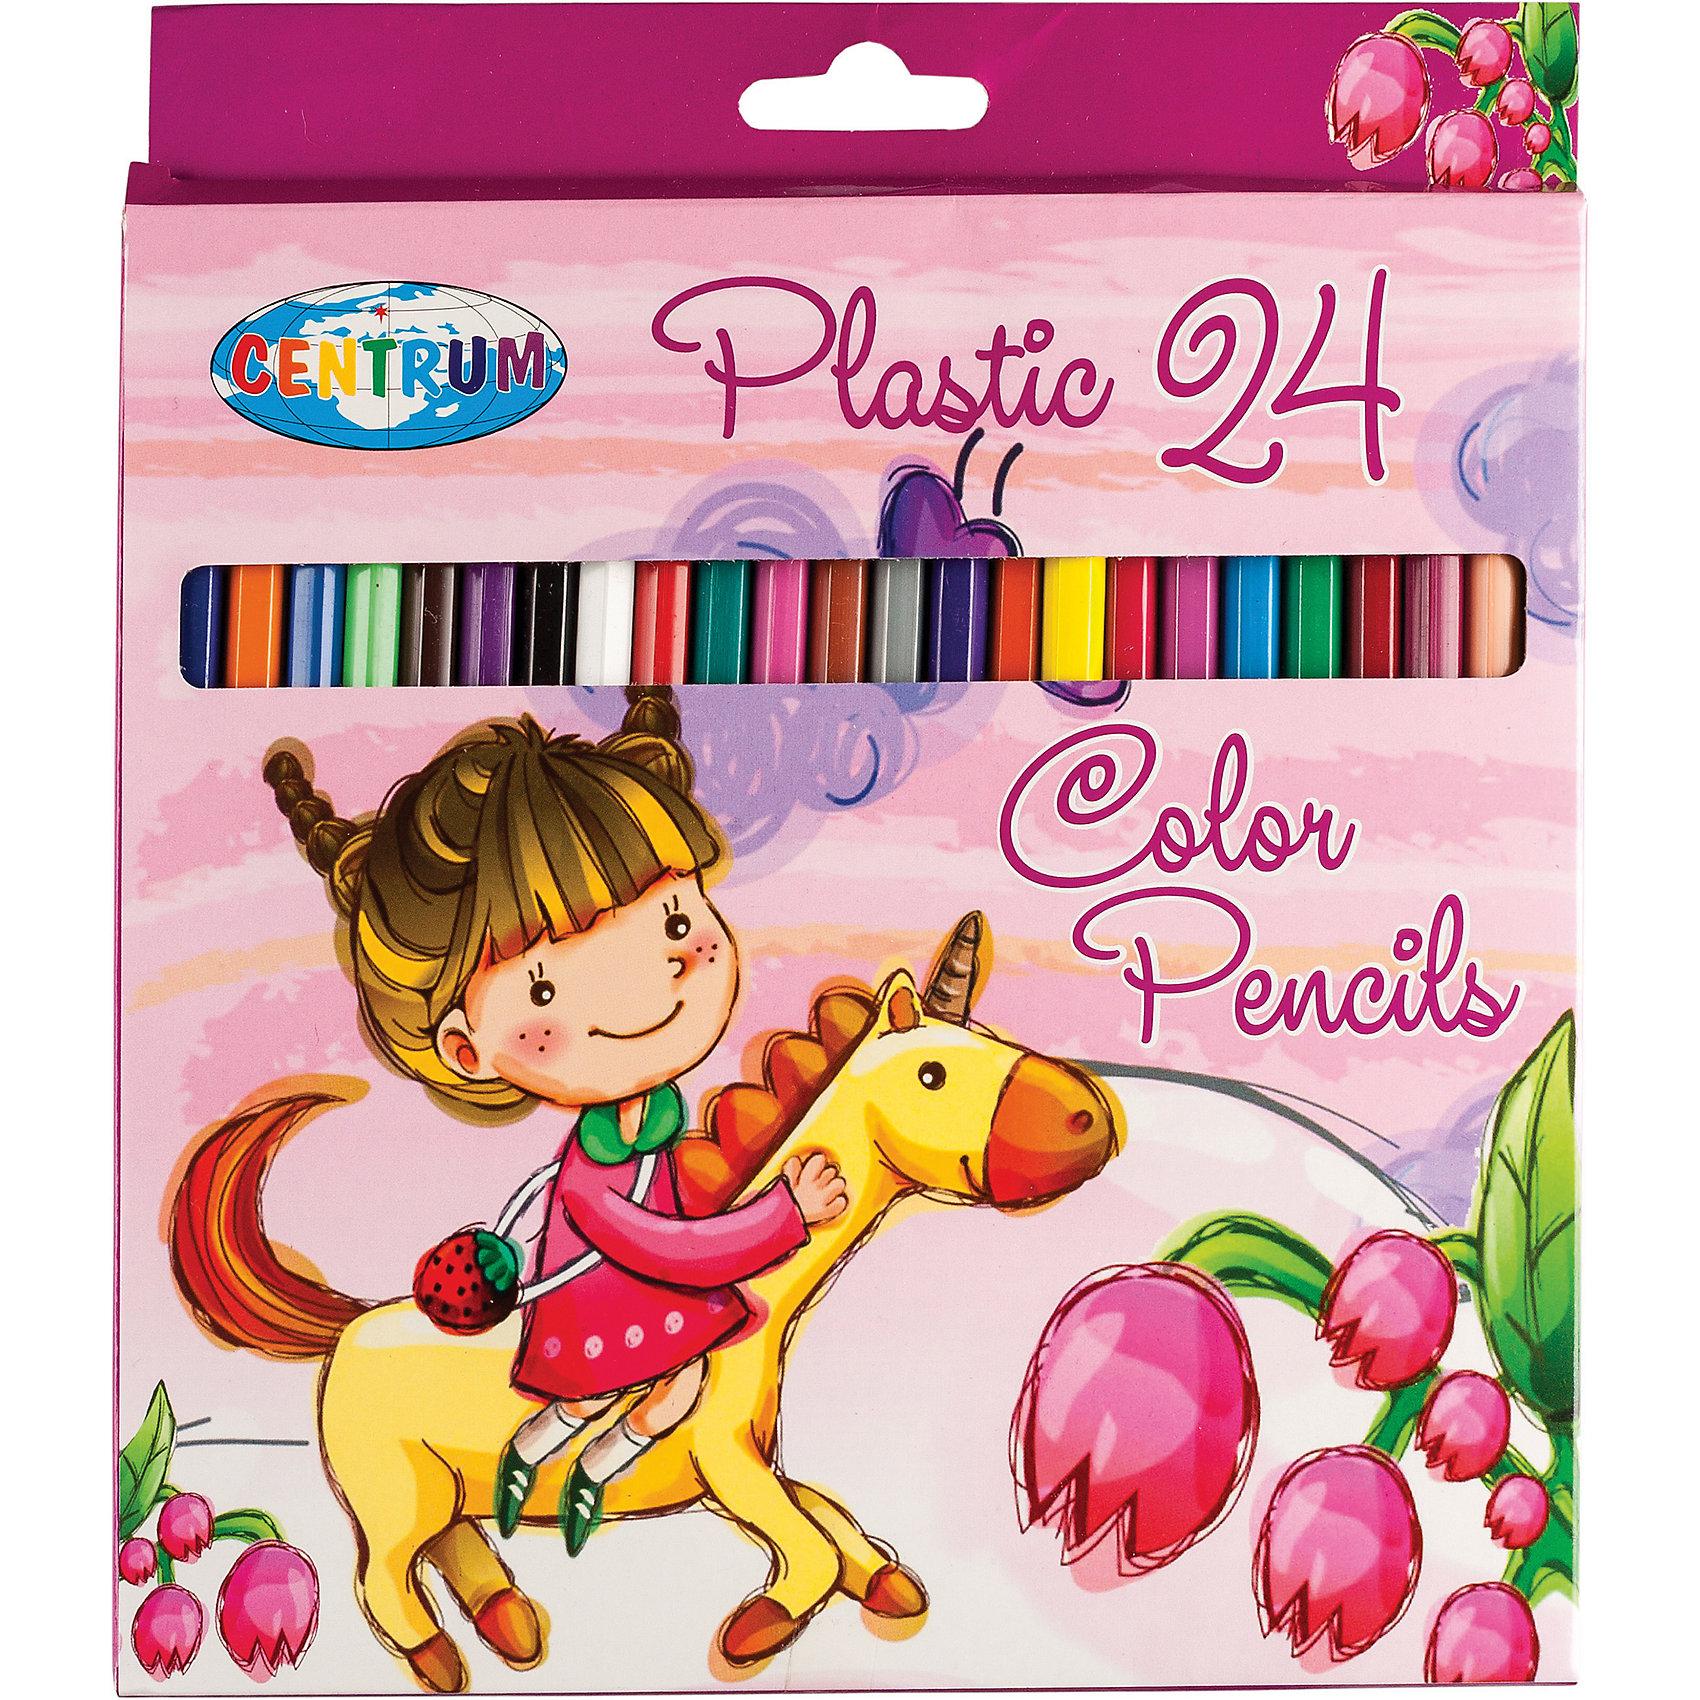 Цветные карандаши Единорог, 24 цветаДлинные цветные карандаши Единорог, 24 цветов<br><br>Характеристики:<br><br>- в набор входит: 18 карандашей <br>- состав: пластик, картон<br>- длина карандашей: 17,7 см. <br>- размер упаковки: 21 * 1 * 21 см.<br>- для детей в возрасте: от 3 до 10 лет<br>- страна производитель: Китай<br><br>Набор цветных карандашей с рисунком девочки и единорога понравится девчушкам. Немецкая компания Centrum (Центрум) специализируется на товарах для детского творчества и развития. Яркая коробочка выполнена из картона и отлично вмещает все карандаши, не позволяя им разбегаться по столу или школьному ранцу. Сами карандаши выполнены из пластика, уже заточены, имеют мягкую структуру грифеля и рисуют яркие линии без сильного нажатия. Как известно, цвета карандашей не так уж и удобно смешивать, поэтому чем больше цветов, тем лучше! Целых двадцать четыре цвета помогут нарисовать самый лучший шедевр и просто отлично провести время. Рисование карандашами разрабатывает моторику ручек, творческие способности, успокаивает, помогает развить аккуратность и внимание. <br><br>Длинные цветные карандаши Единорог, 24 цветов можно купить в нашем интернет-магазине.<br><br>Ширина мм: 9<br>Глубина мм: 177<br>Высота мм: 205<br>Вес г: 125<br>Возраст от месяцев: 36<br>Возраст до месяцев: 120<br>Пол: Женский<br>Возраст: Детский<br>SKU: 5175451